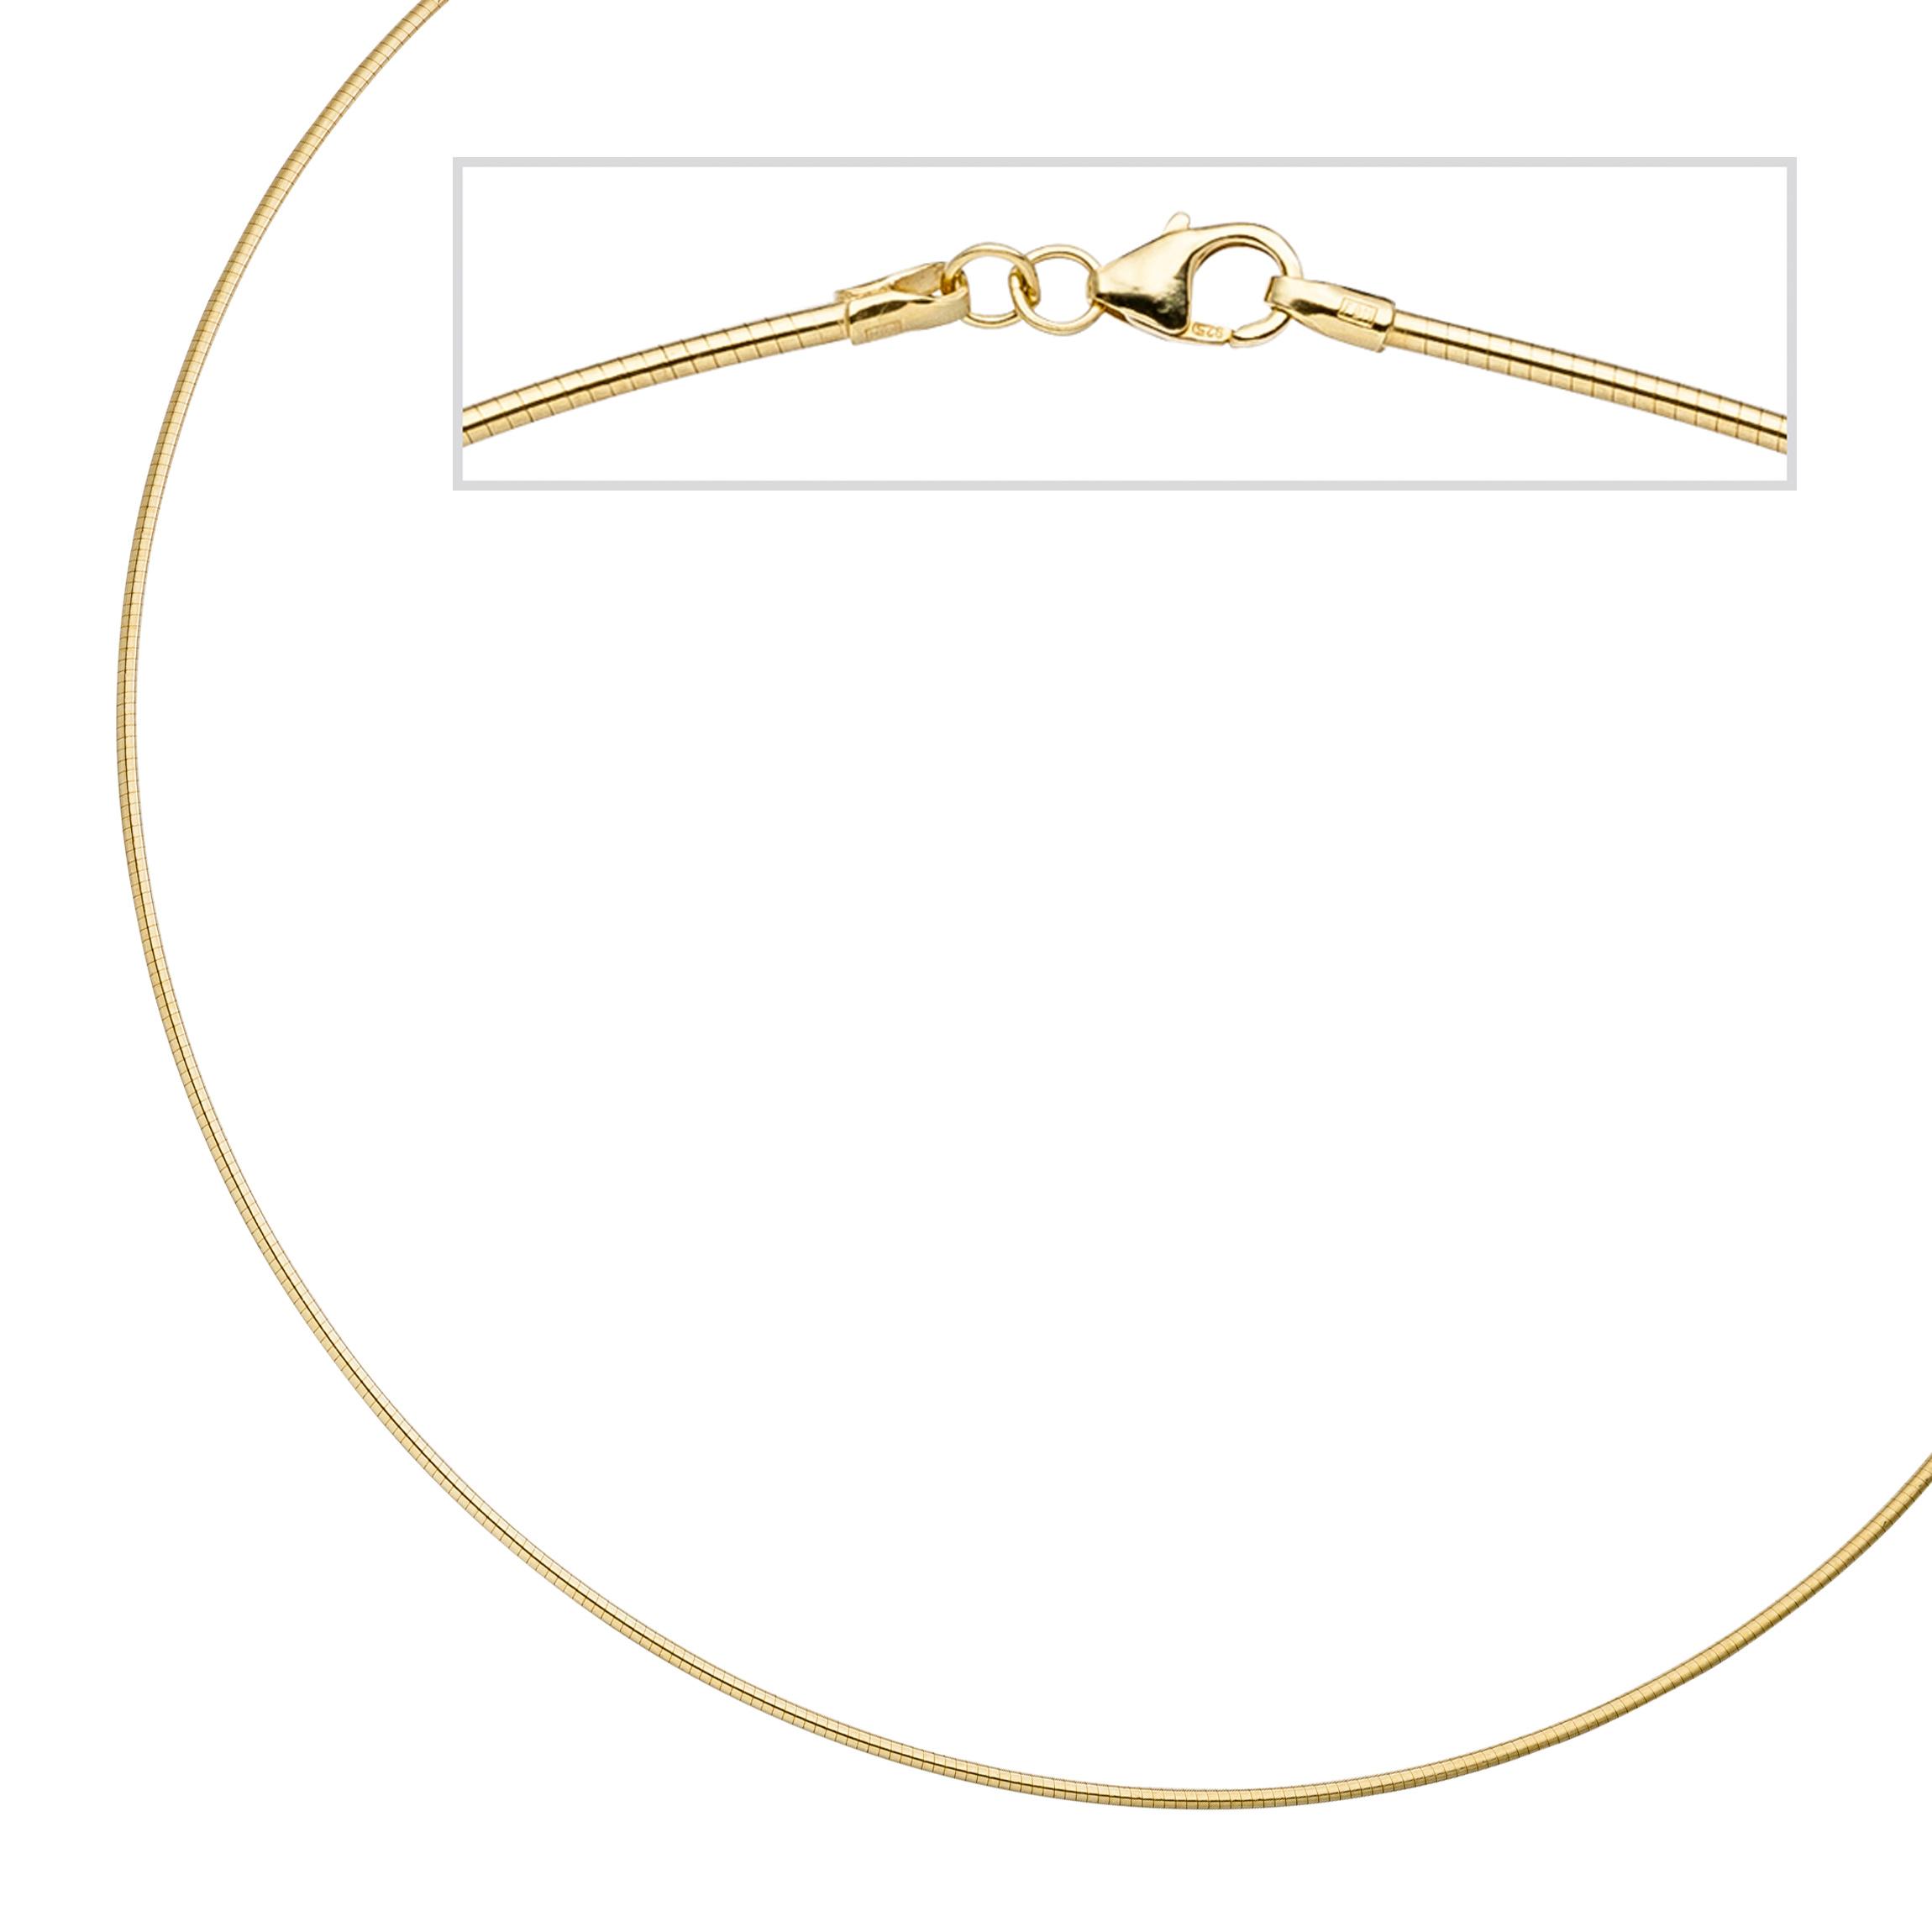 Halsreif 925 Sterling Silber gold vergoldet 1,1 mm 45 cm Kette Halskette